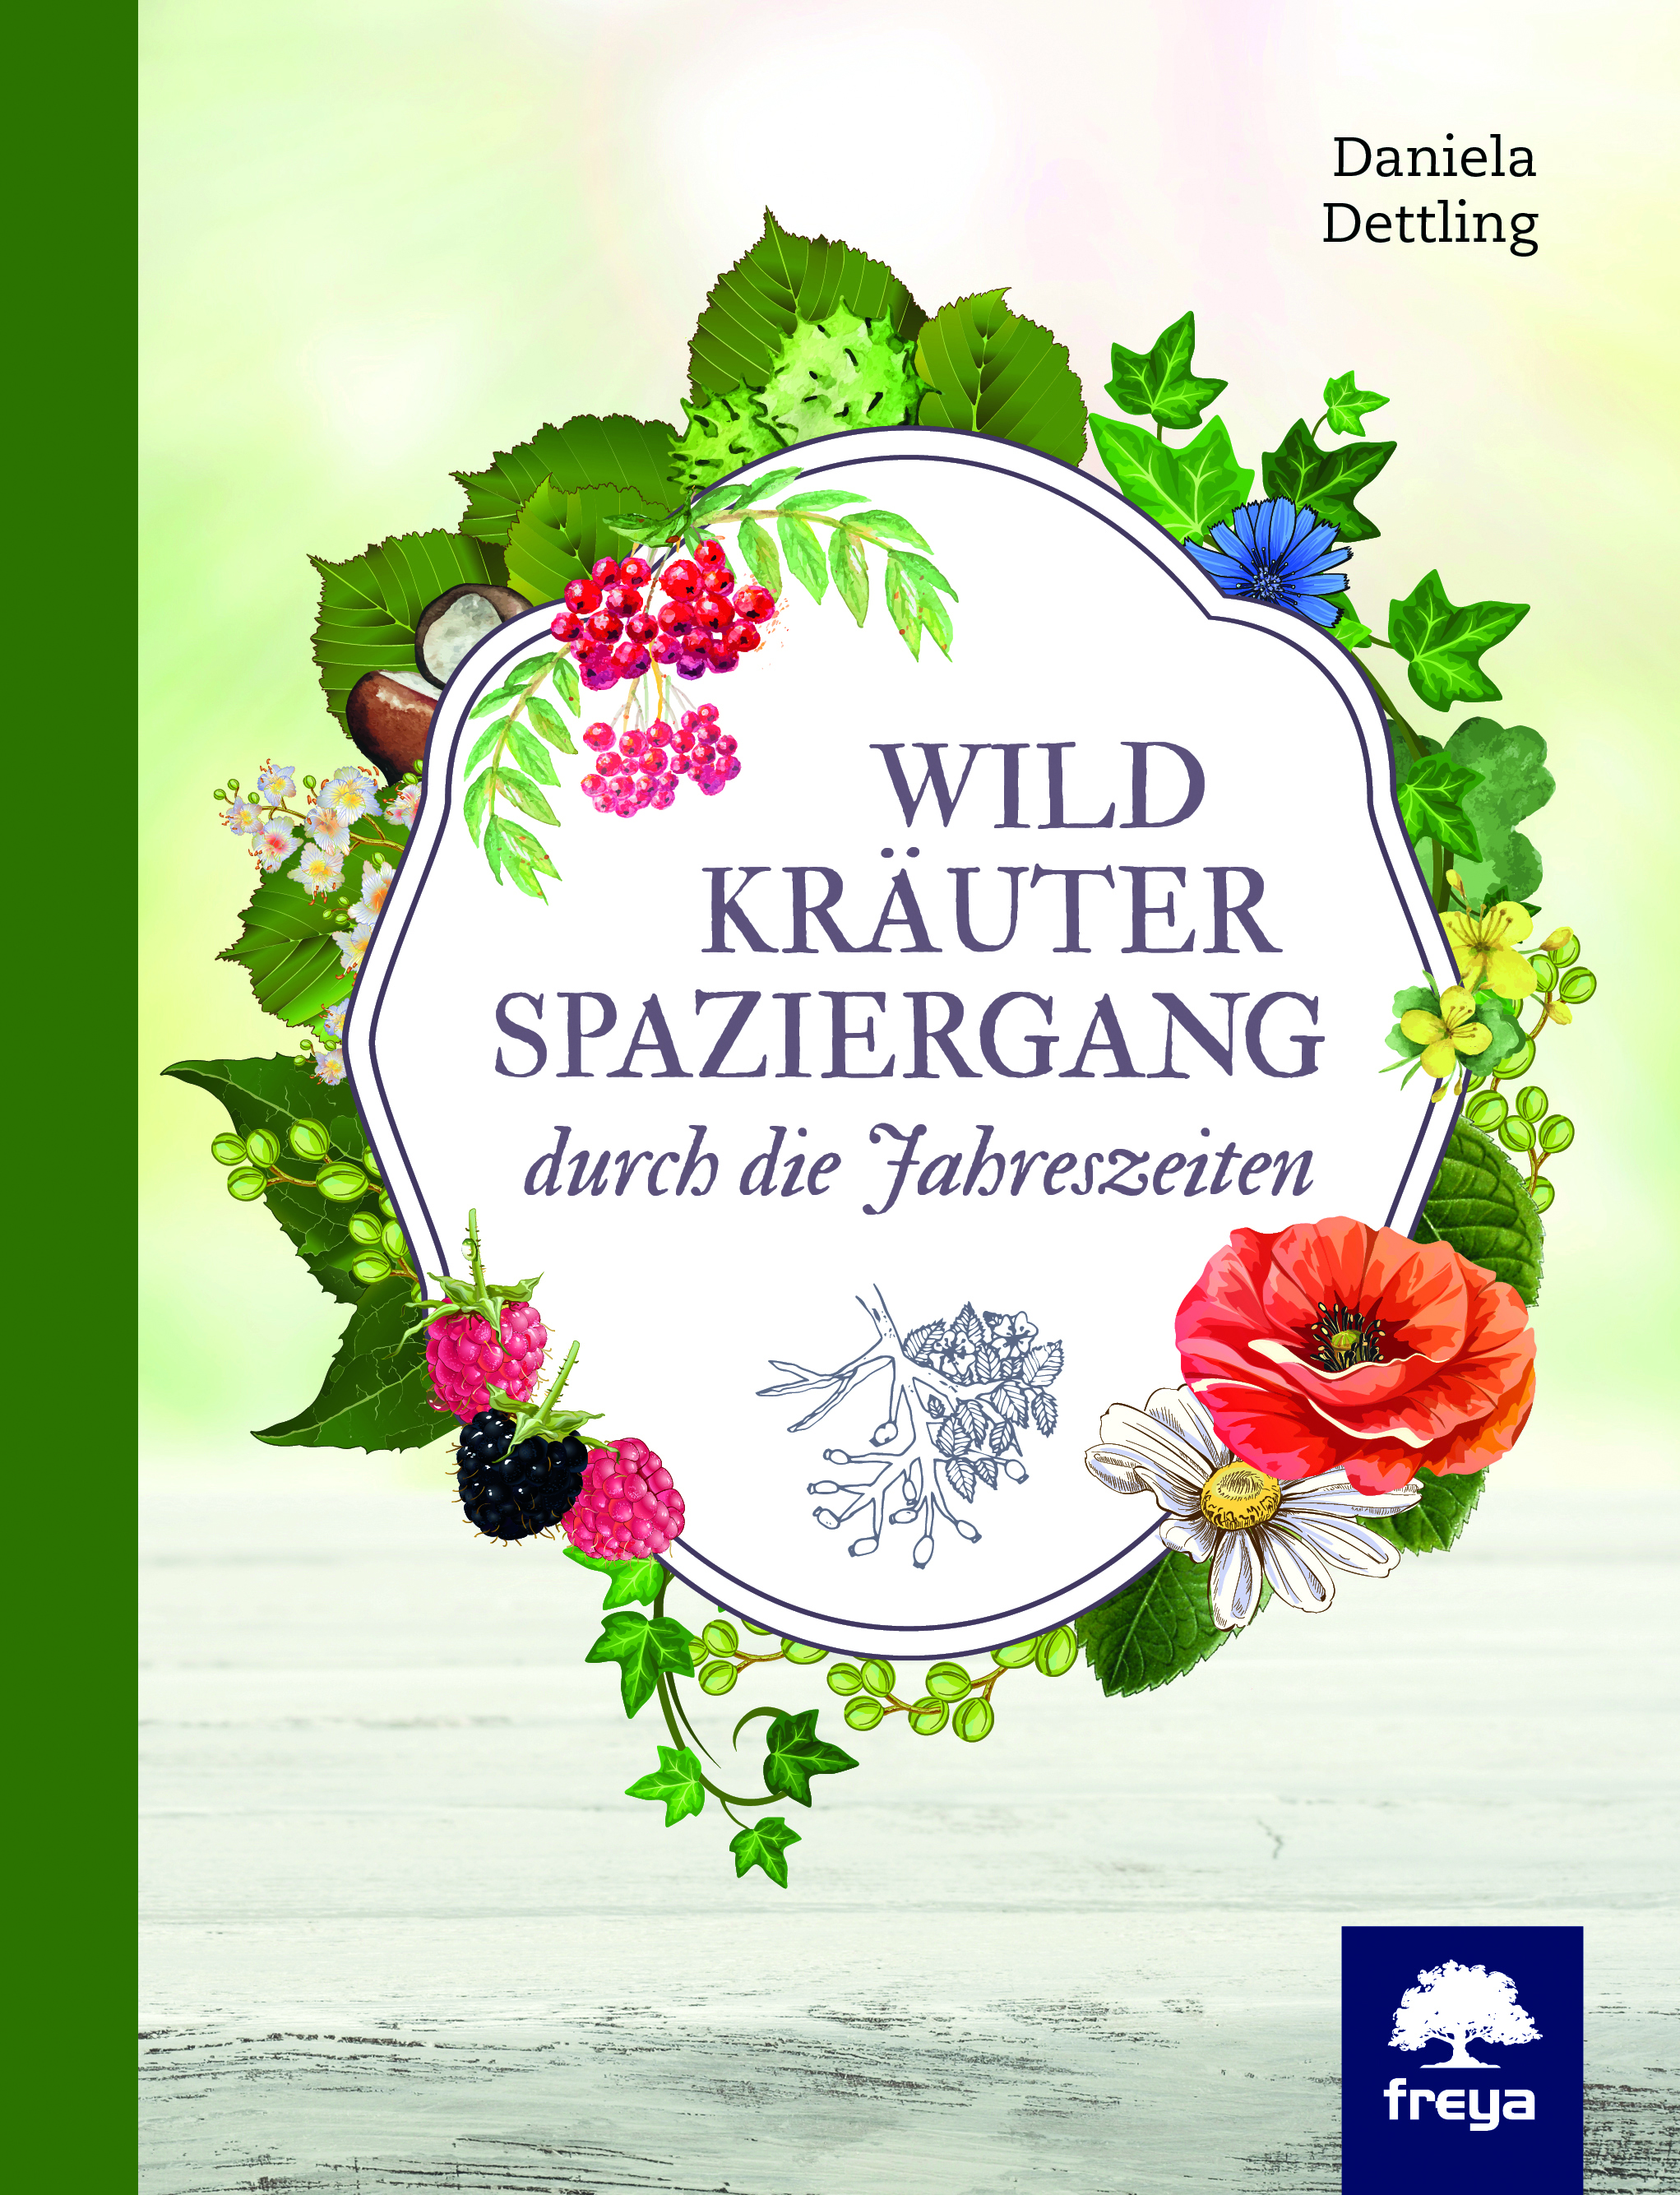 """Booklove """"Wildkräuterspaziergang durch die Jahreszeiten und Rezept Jahreskräutersalz mit Birkenknospen"""